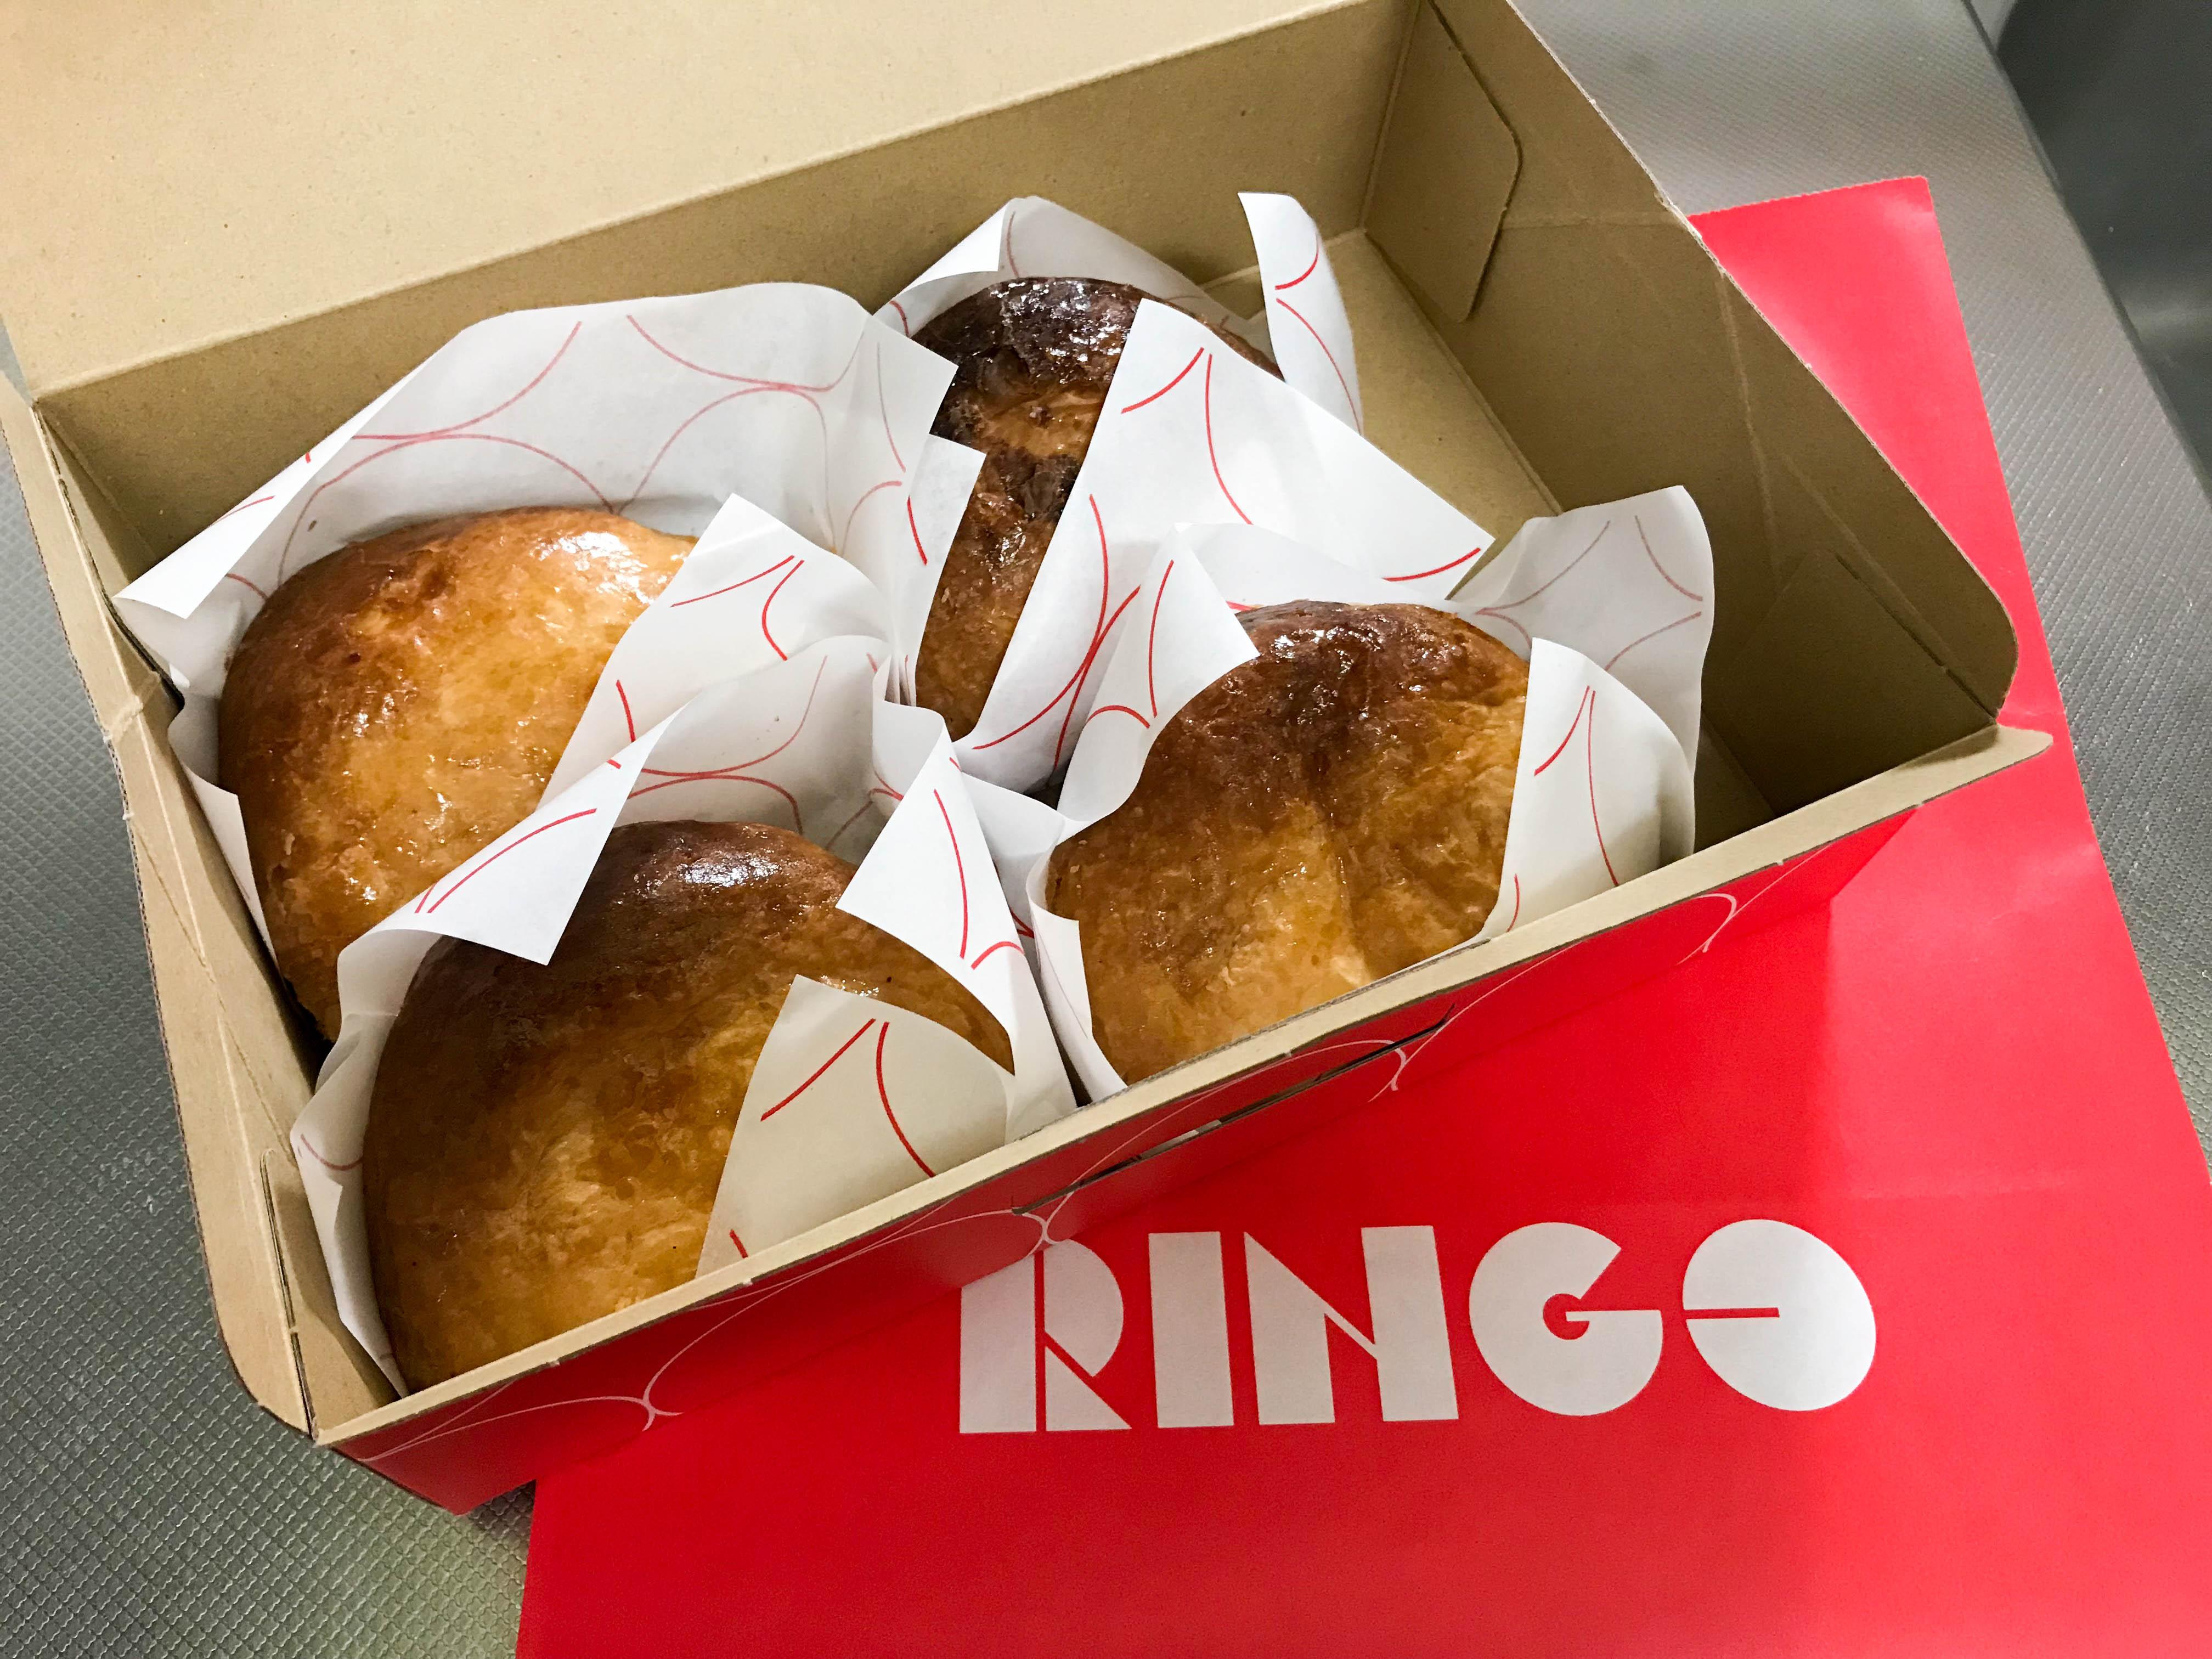 RINGO(東京都豊島区南池袋)のカスタードアップルパイを食す!サクサクパイ生地と濃厚フレッシュカスタードが秀逸!